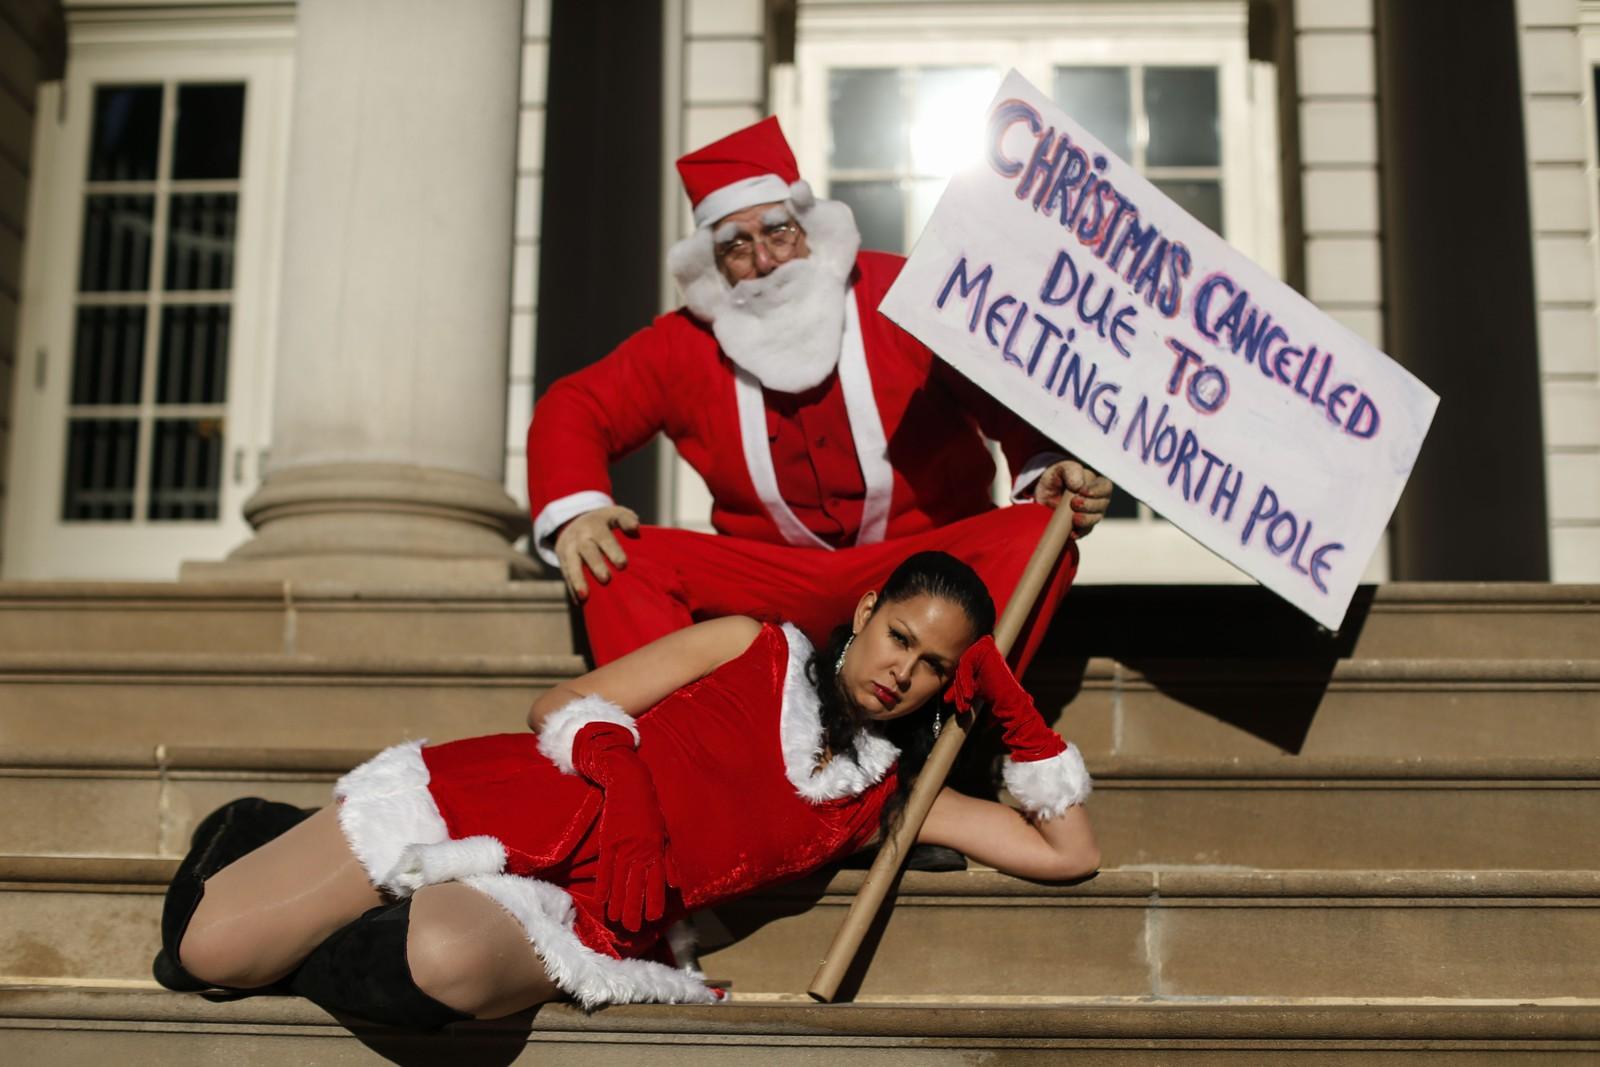 Utkledd i sesongtidsriktige kostymer deltok disse to i en demonstrasjon i New York forut for klimatoppmøtet i Paris.